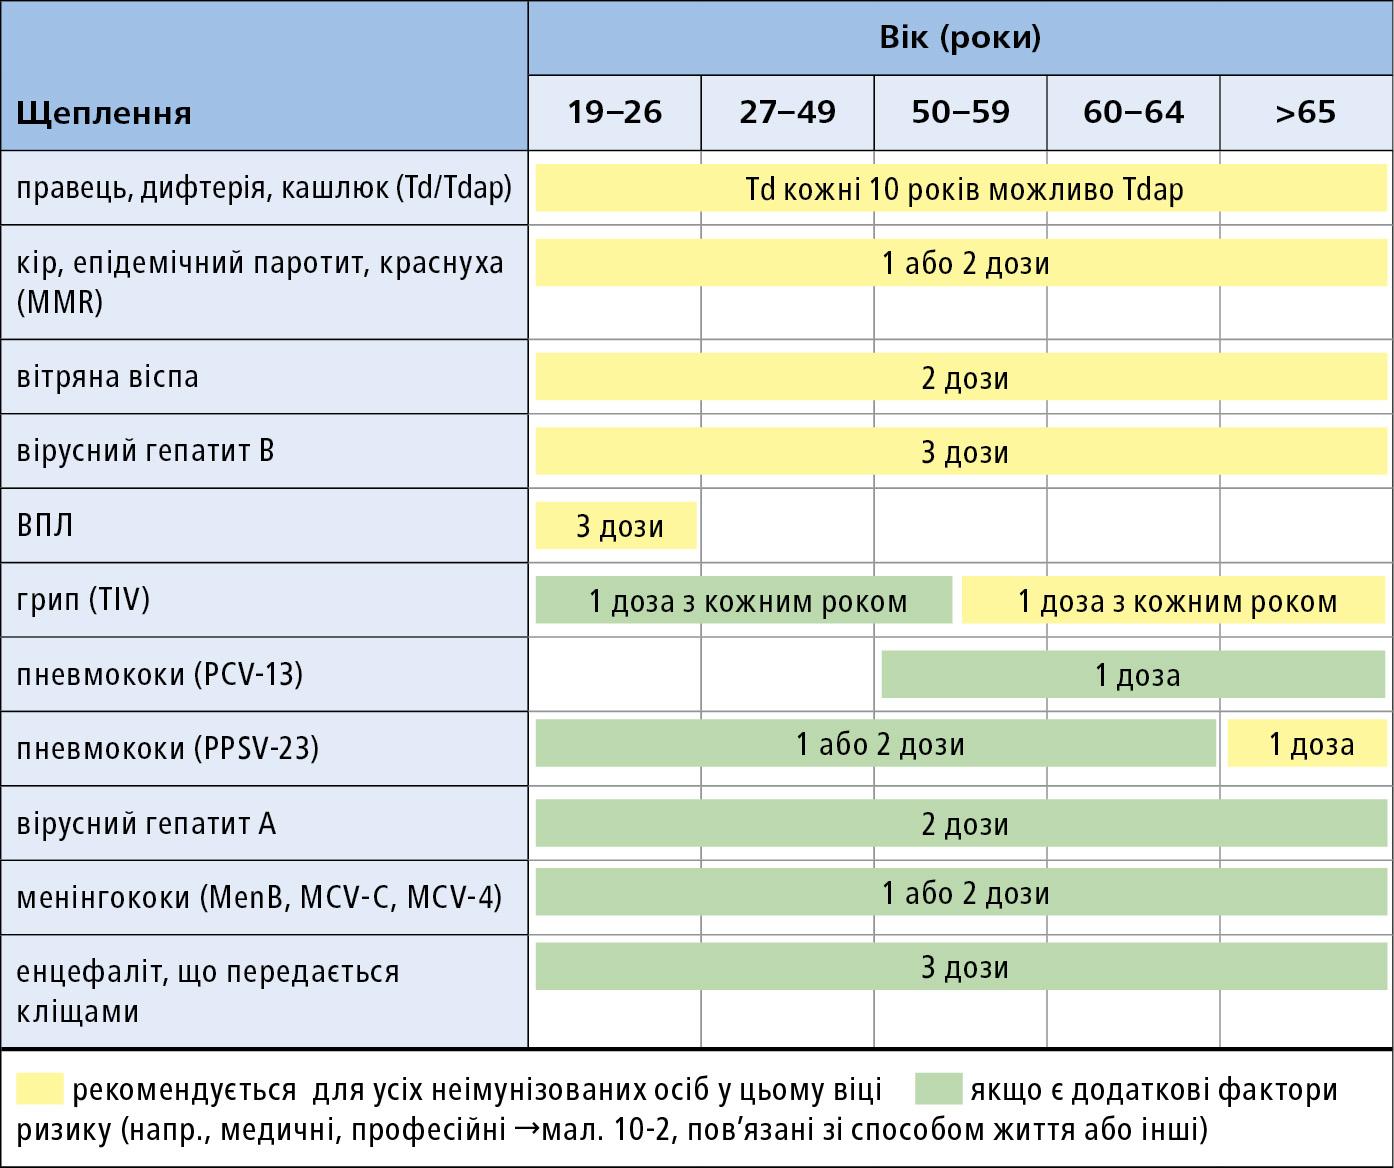 Схема програми профілактичних щеплень для дорослих, залежно від віку (подробиці і щеплення перед поїздкою в ендемічні райони → розд. 18.11 ) (див.  мал. 18.11-2 )